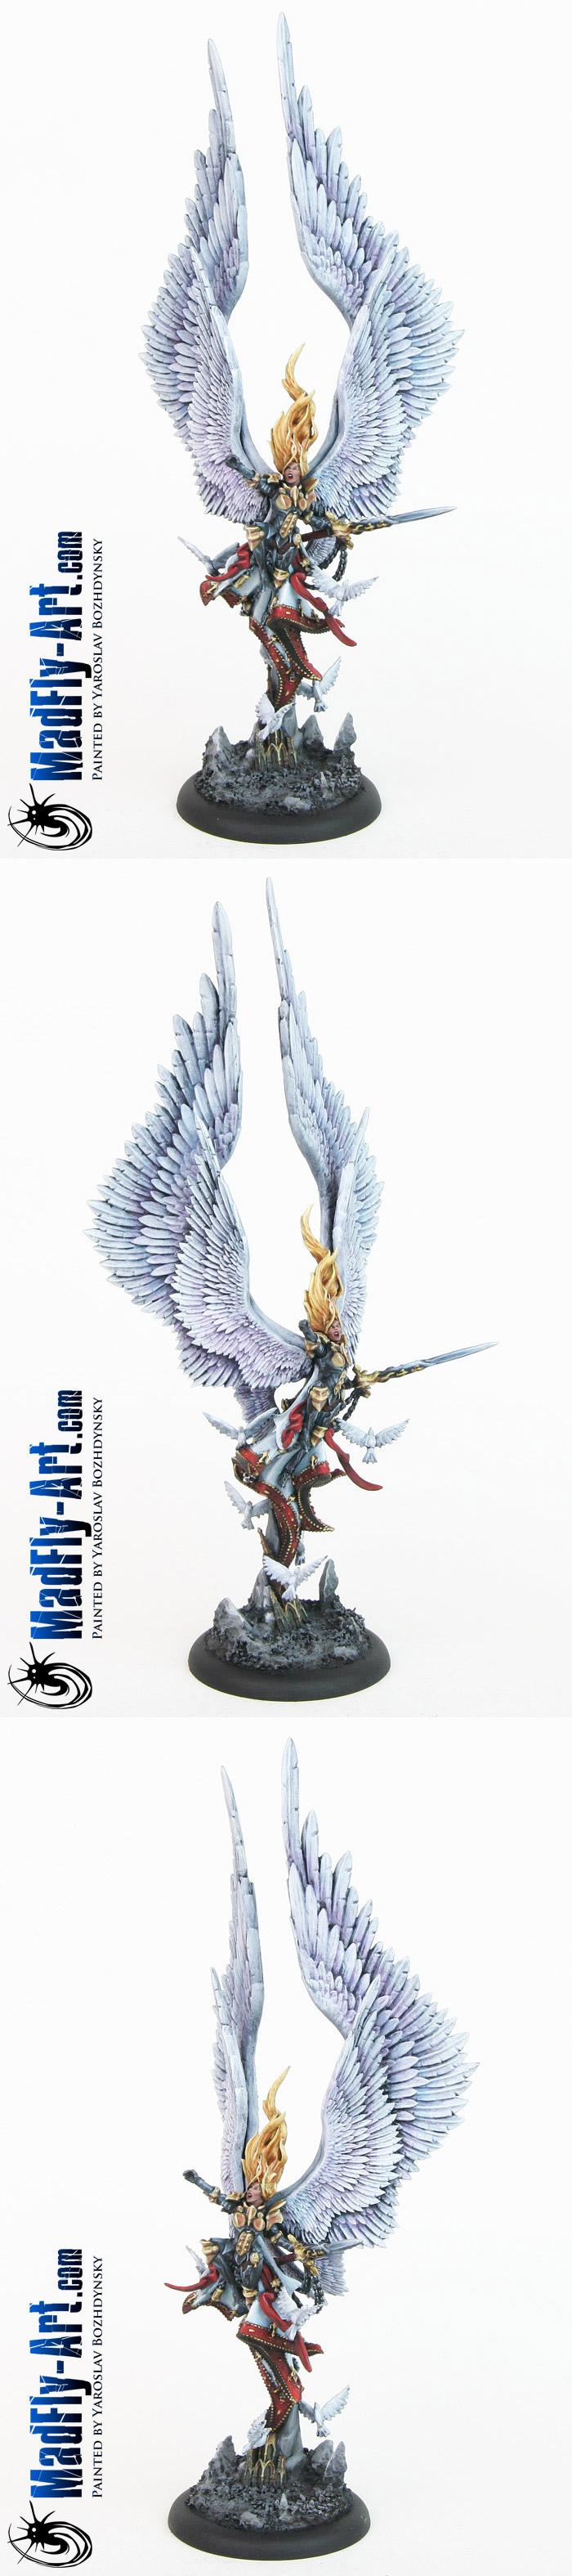 Erzebel, Ascended Sister, Great Seraphim